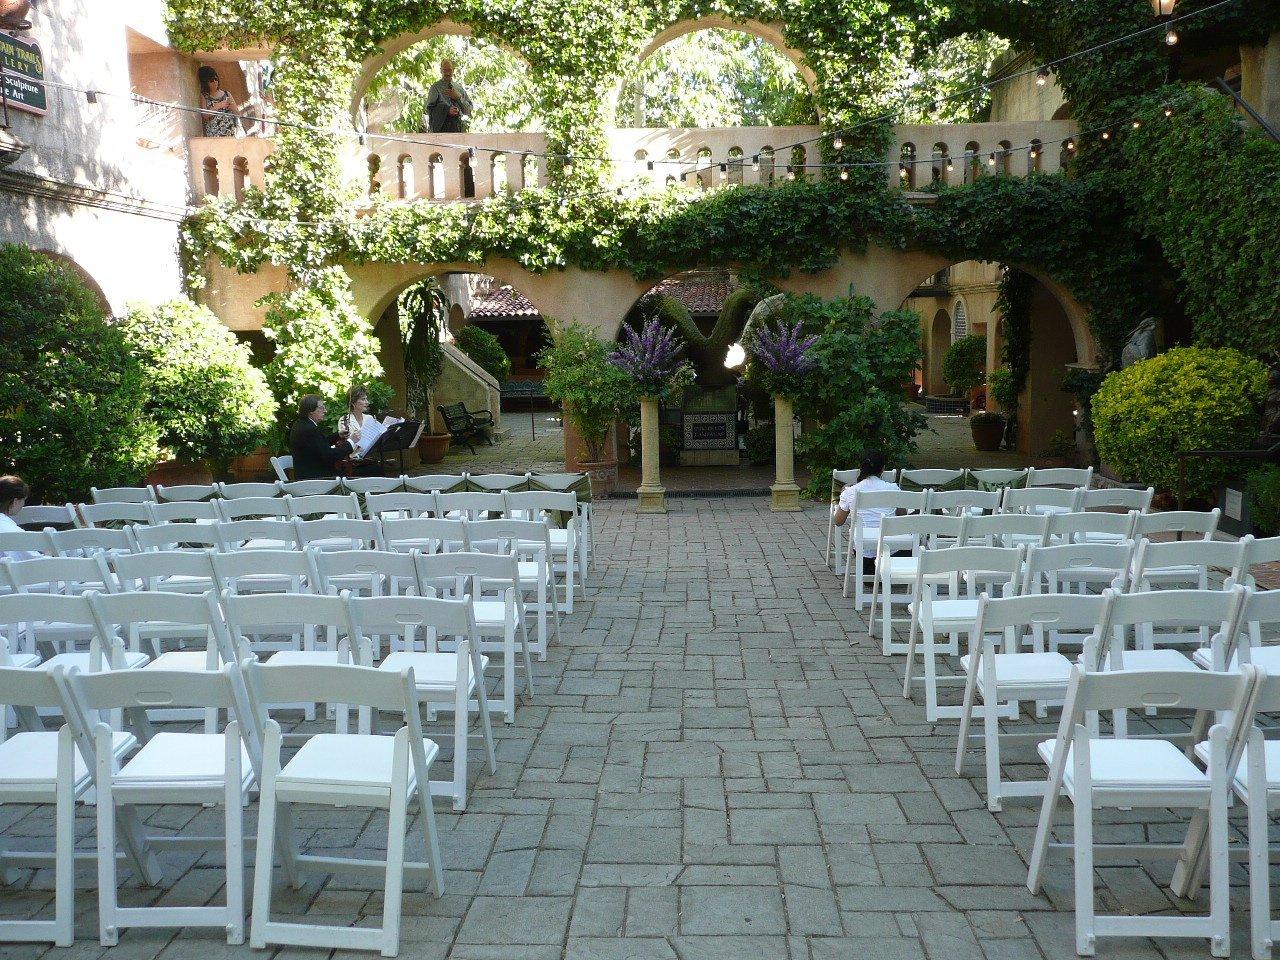 JUNE WEDDINGS CONTINUE AT TLAQUEPAQUE